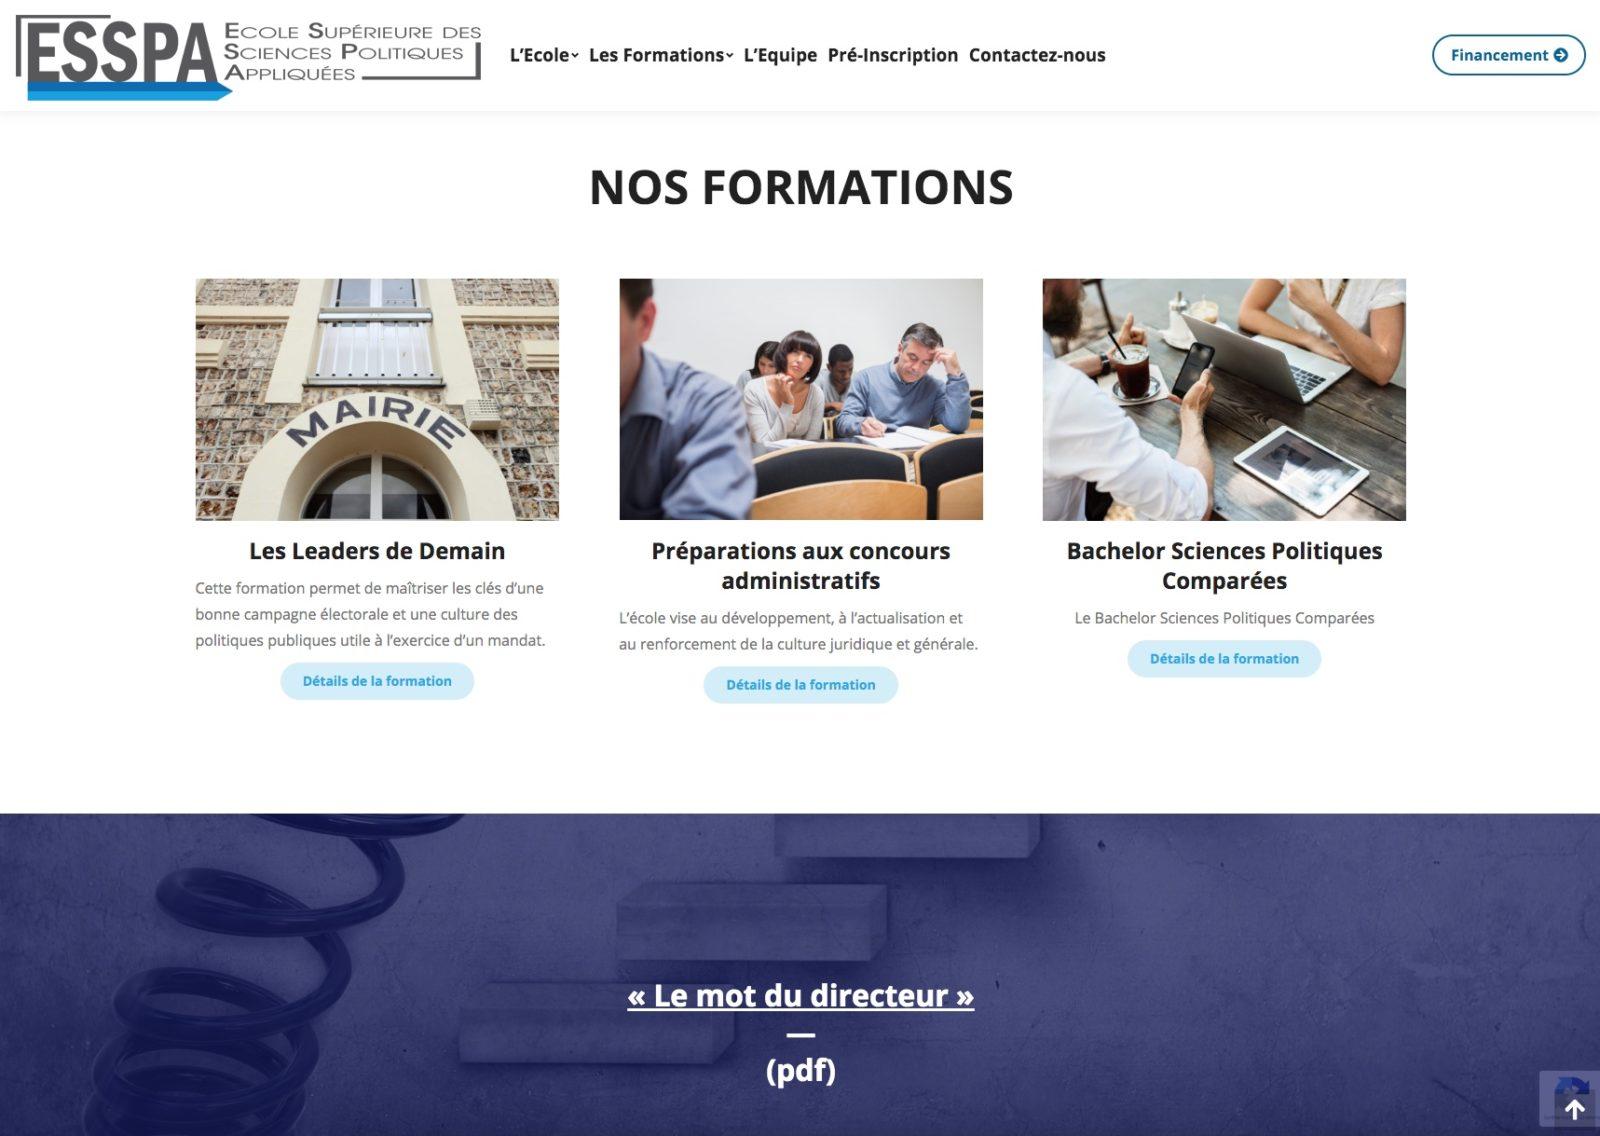 ESSPA nos formations, une école situé sur Mulhouse de l'agence web Karedess.